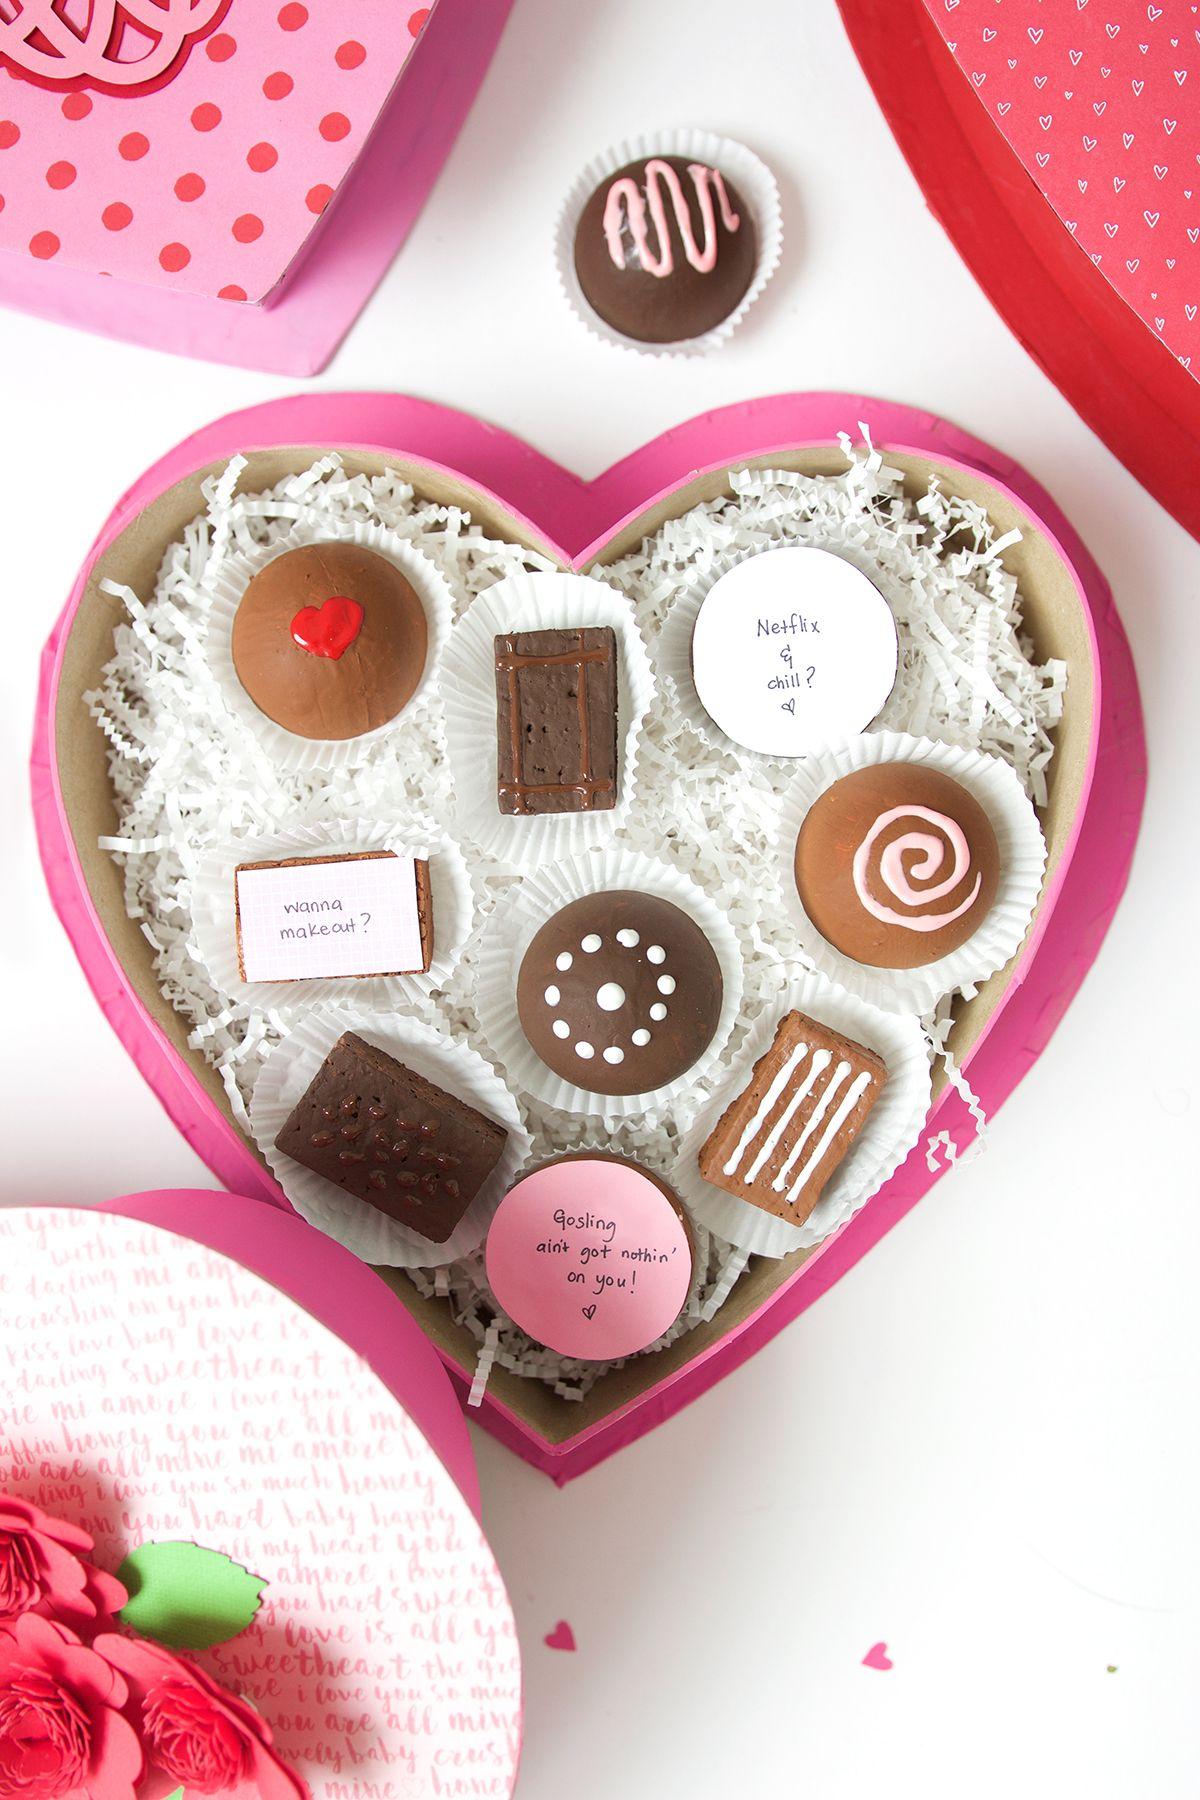 La tradition de la boîte de chocolat pour la Saint-Valentin se poursuit.